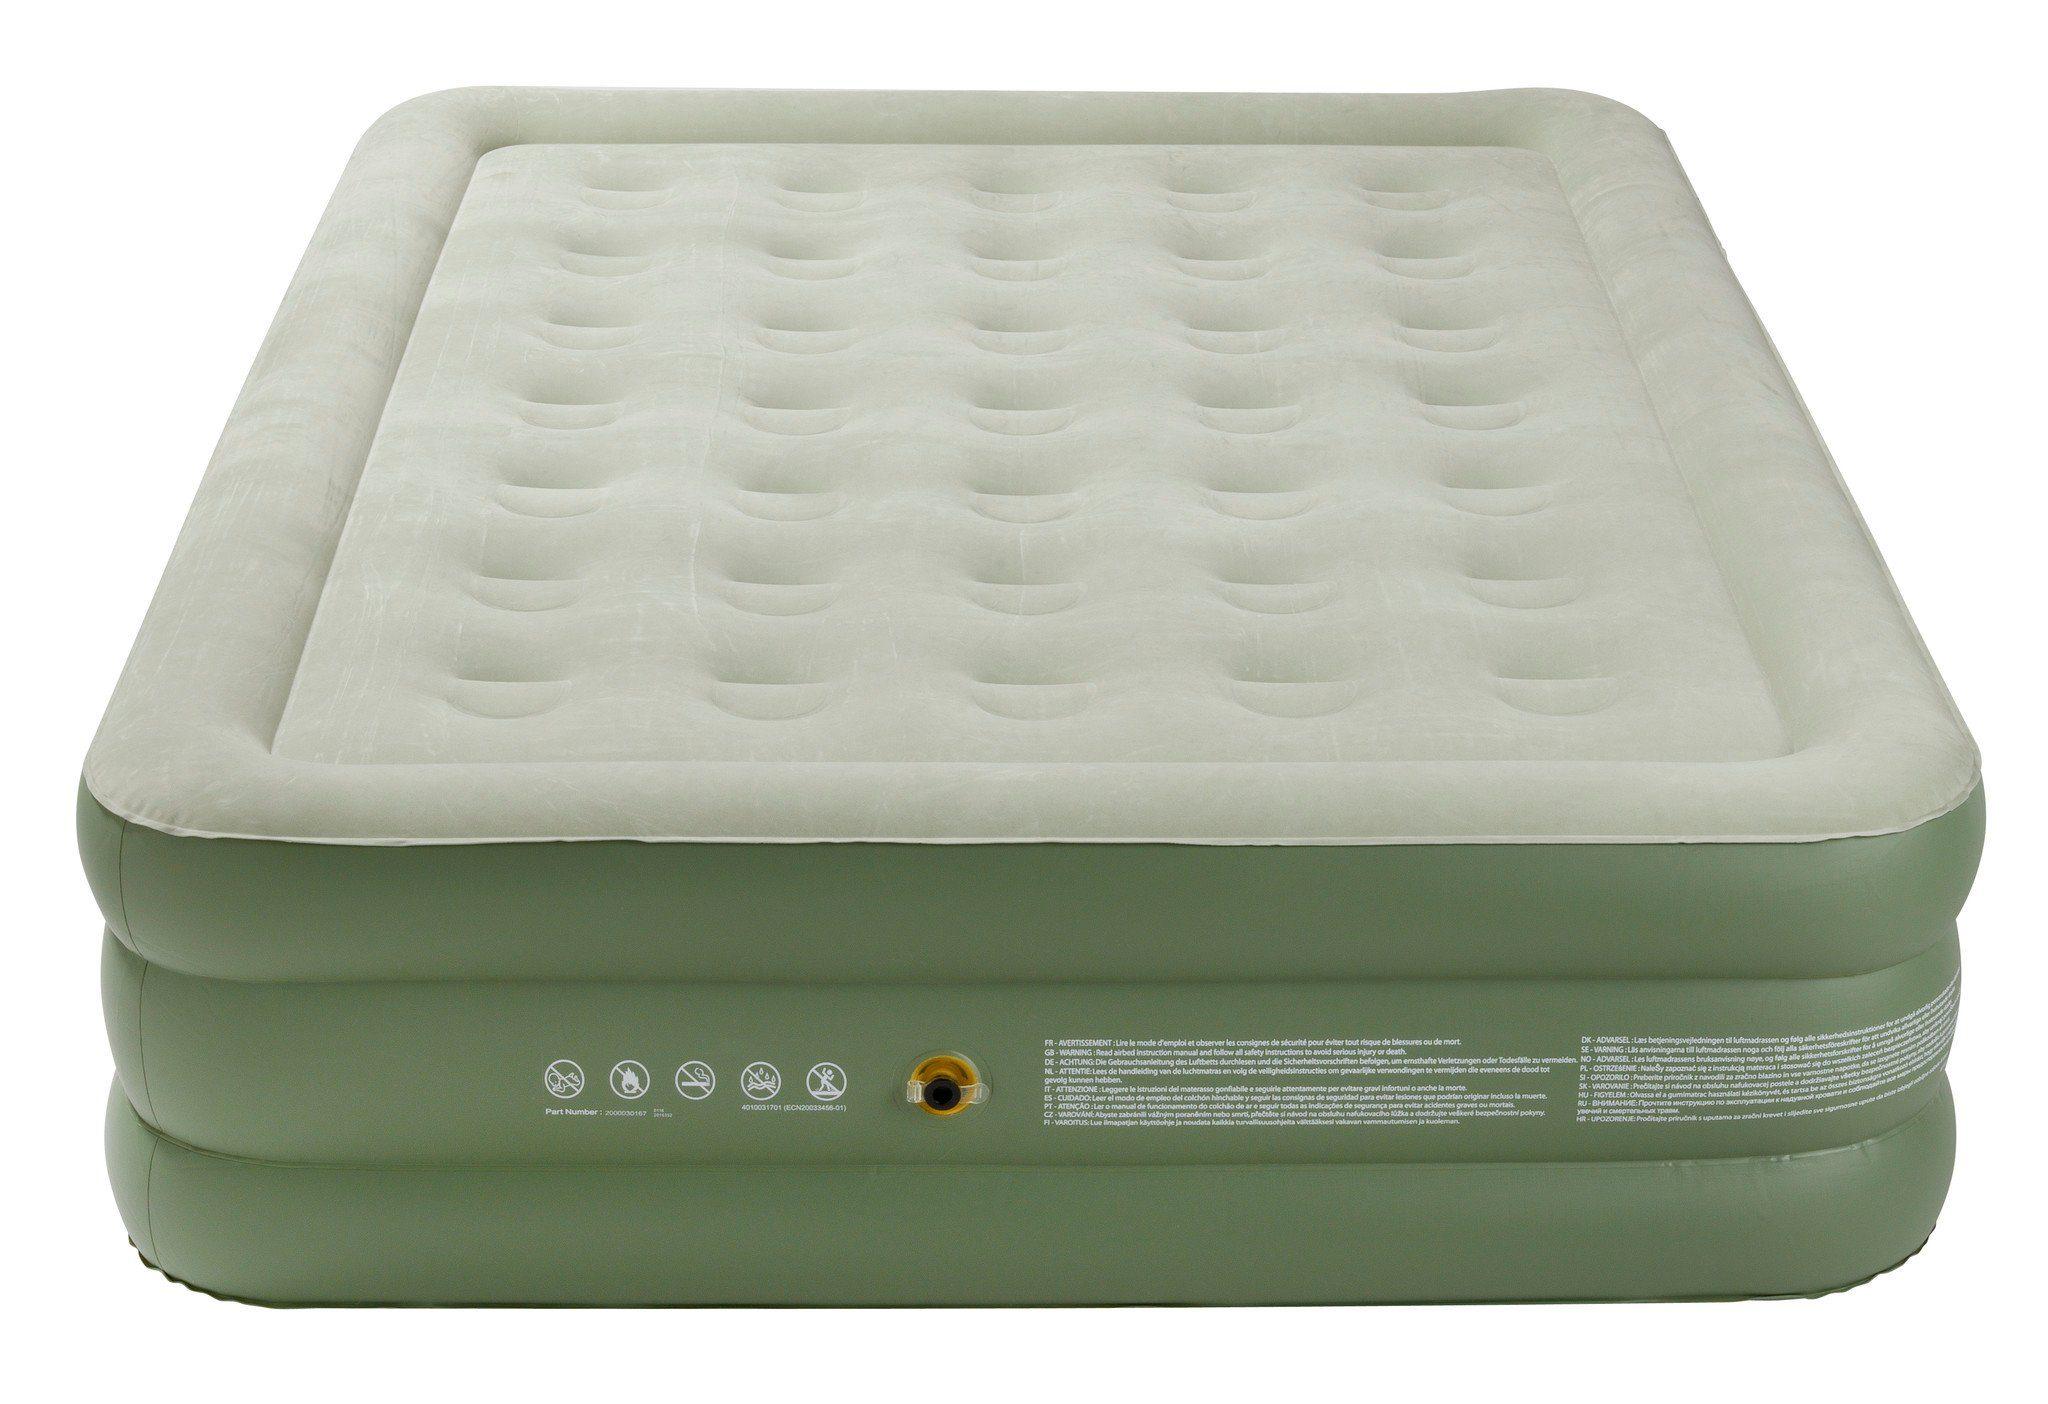 Campingaz Bett & Liegen »Campingaz Maxi Comfort Raised King Bed«